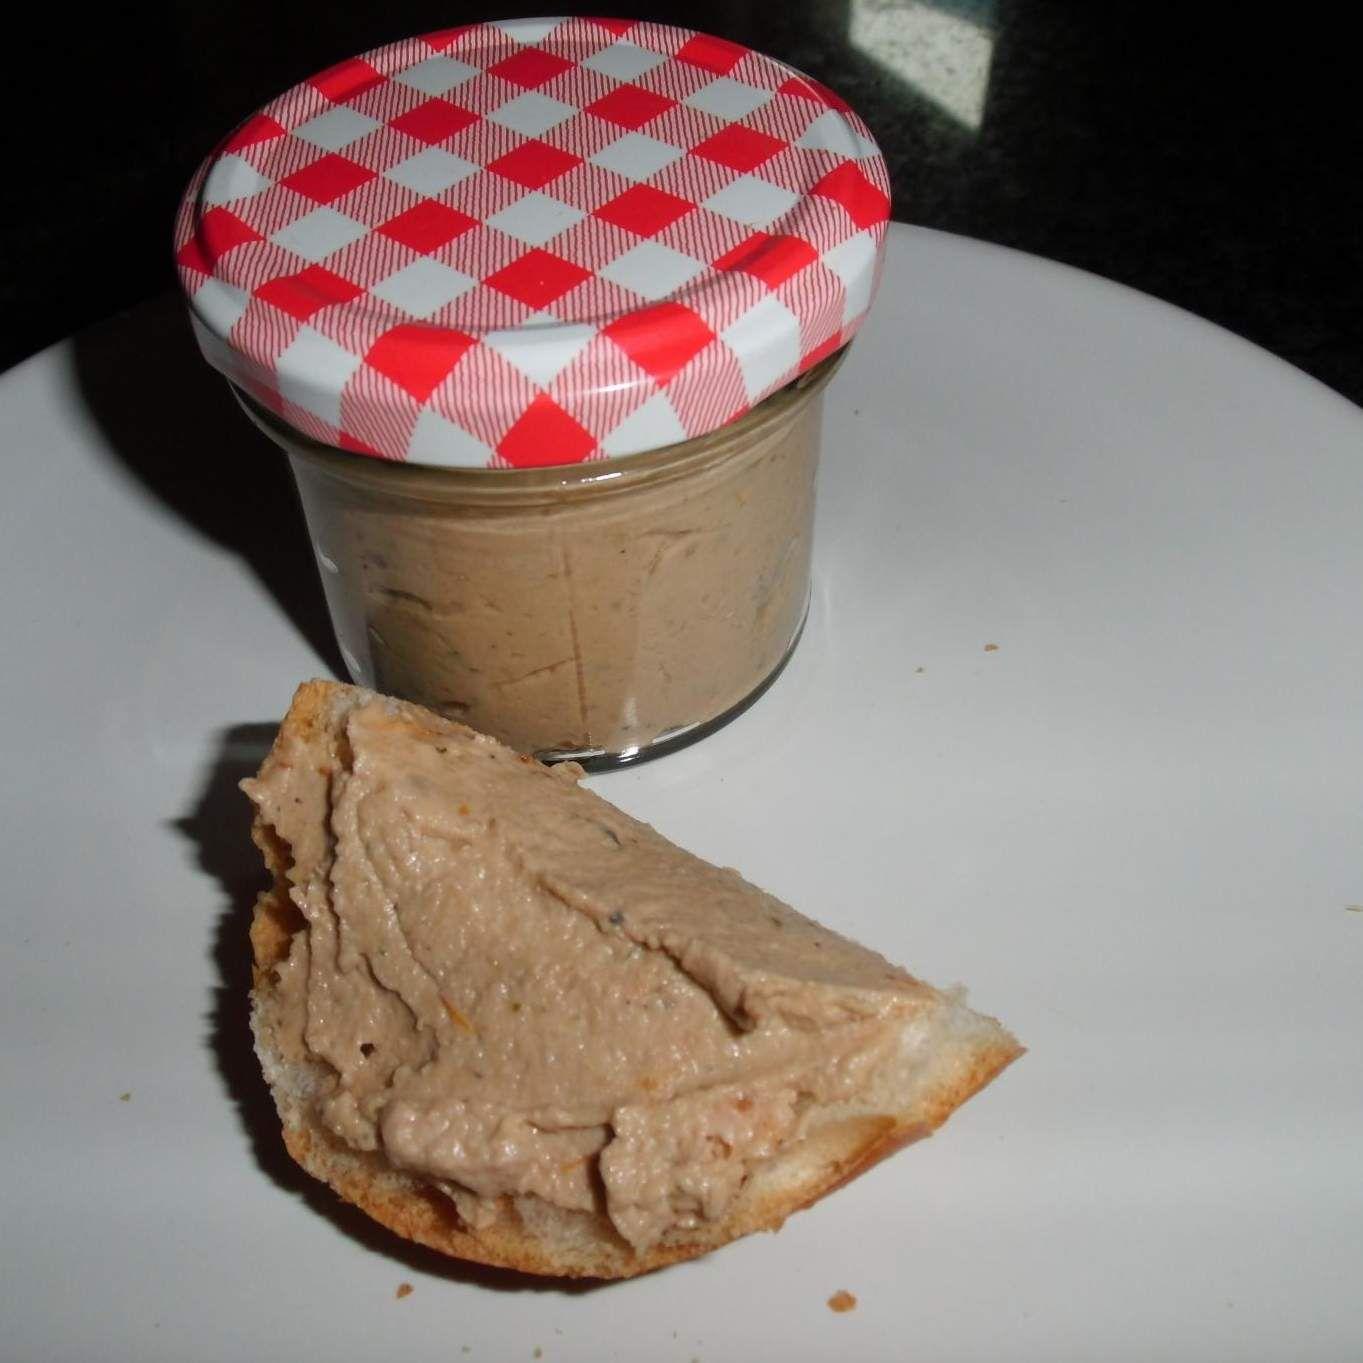 auberginen brotaufstrich vegetarisch vegan rezept thermomix pinterest brotaufstrich. Black Bedroom Furniture Sets. Home Design Ideas